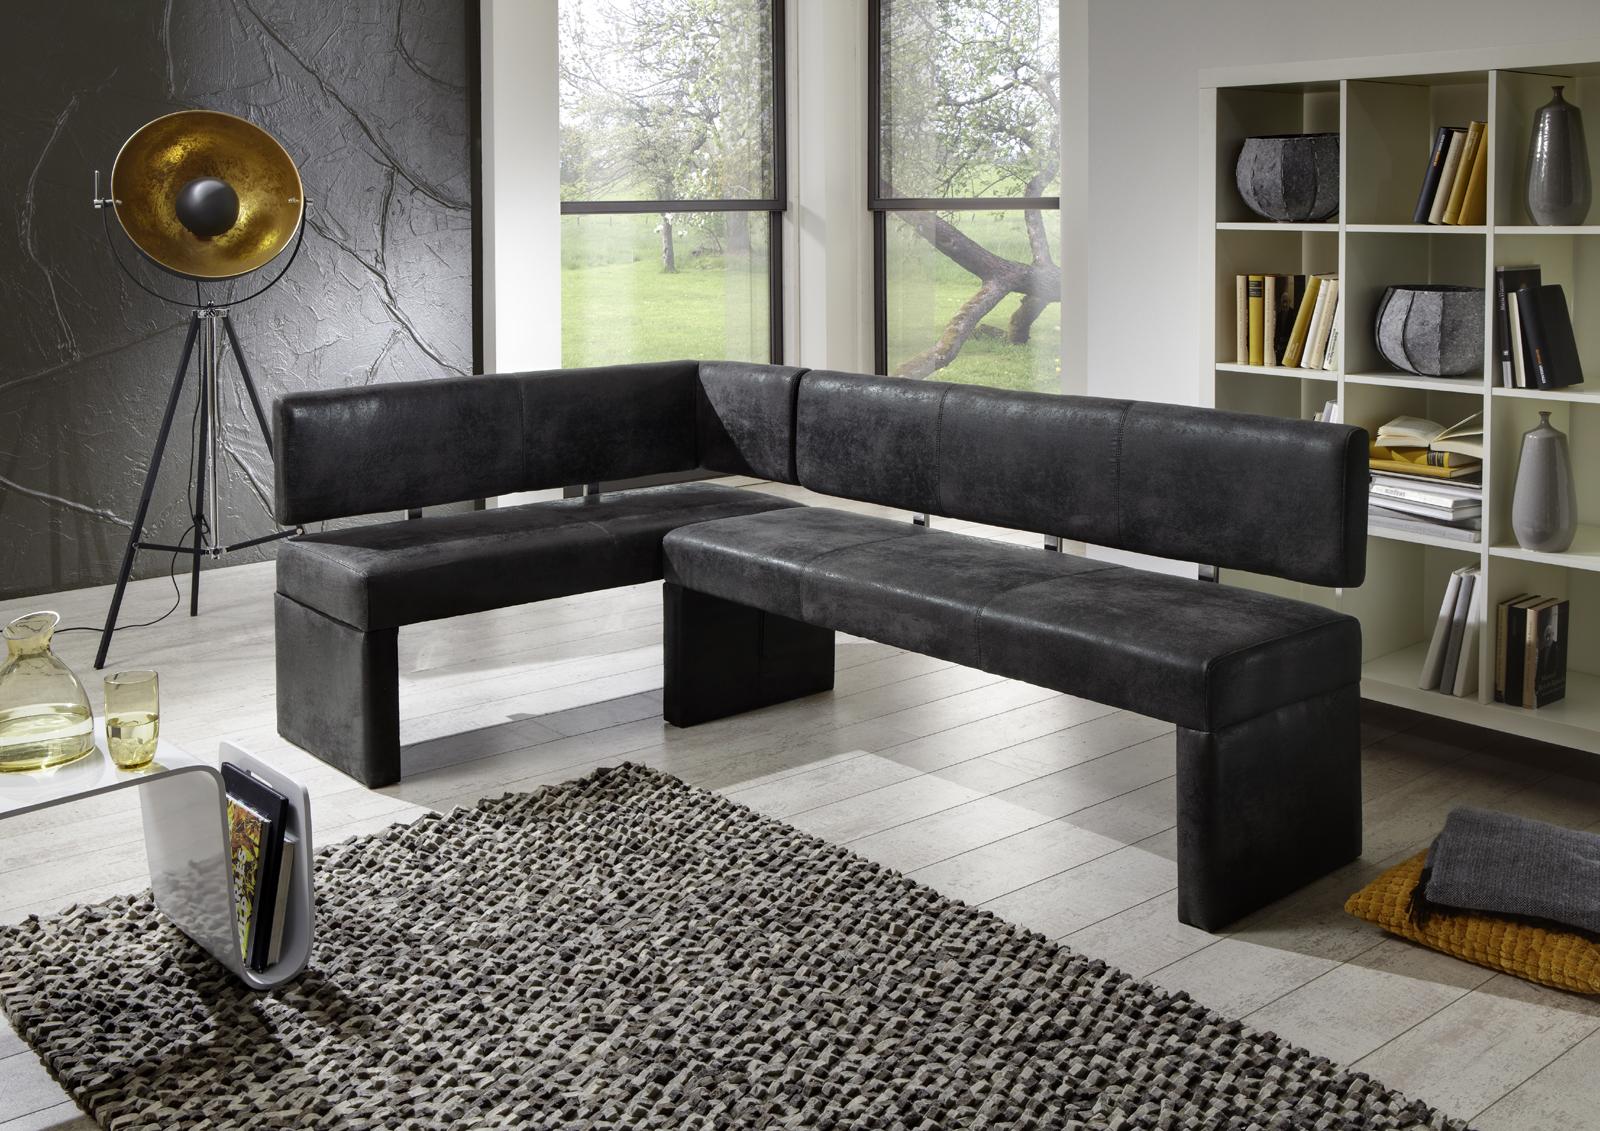 esszimmer eckbank modern | dekorieren ideen für zuhause inspiration - Esszimmermobel Modern